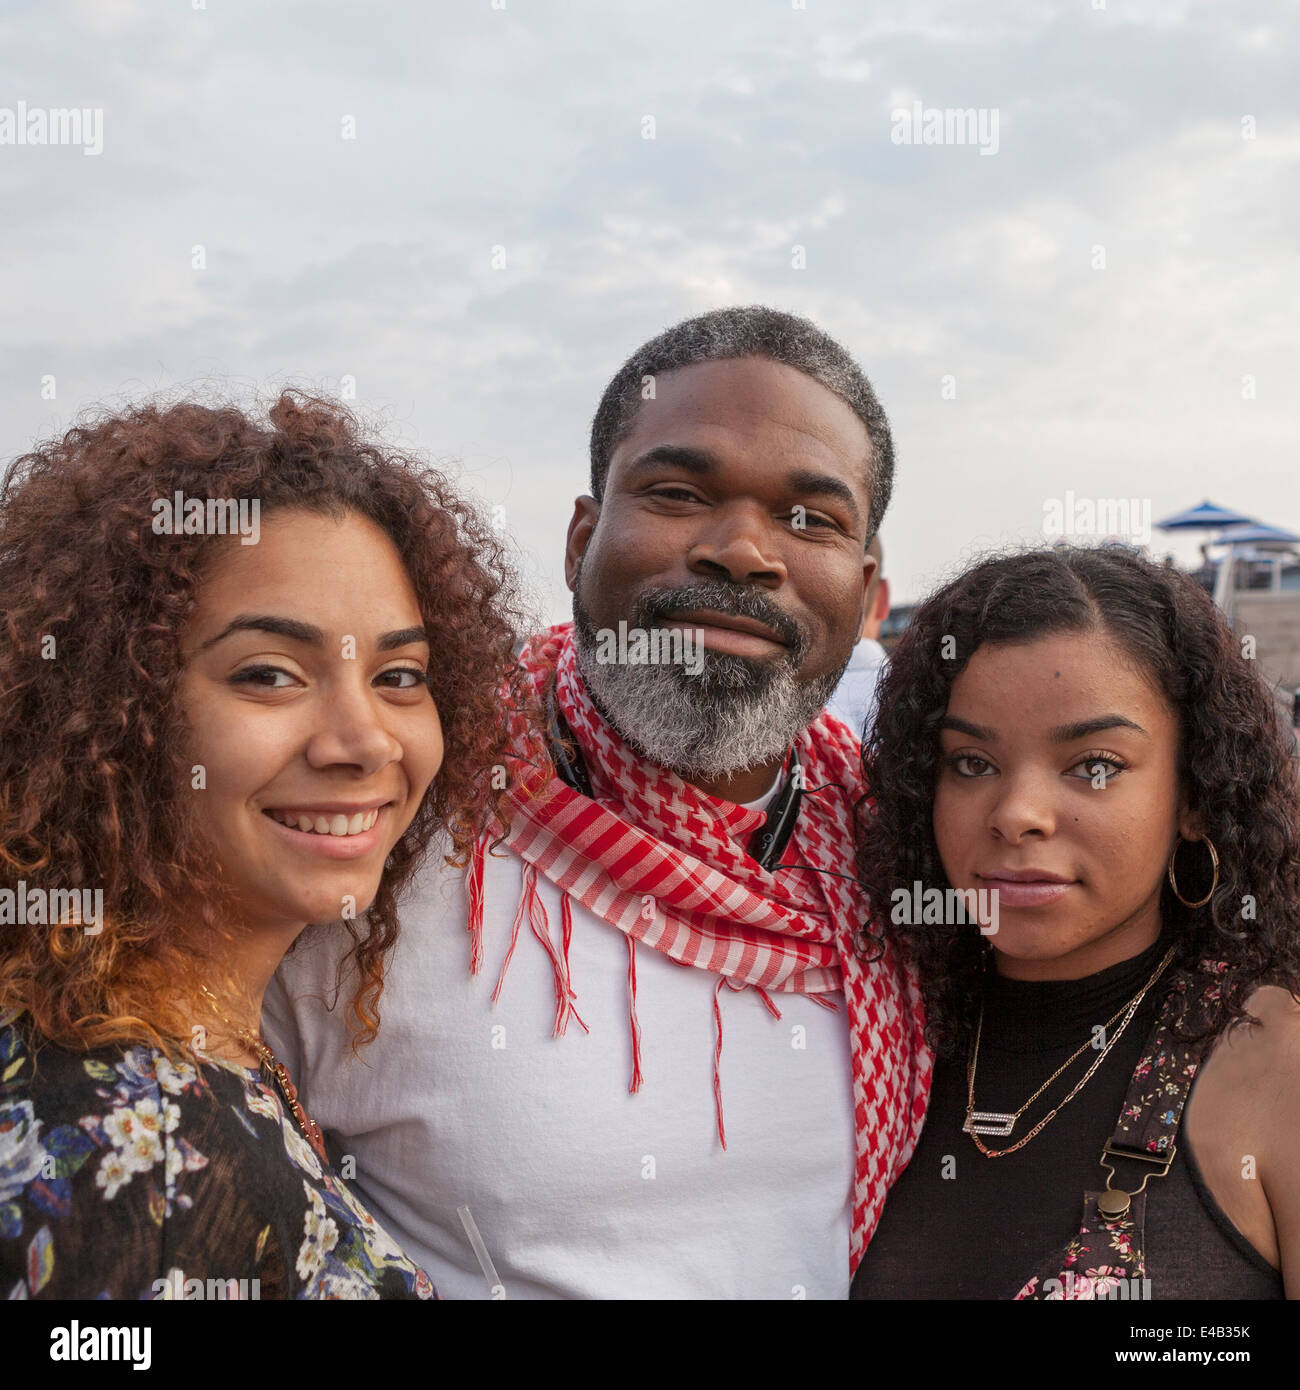 Soportes de un padre con sus dos hijas en el Summerfest, un festival anual de música celebrado en Milwaukee, Imagen De Stock